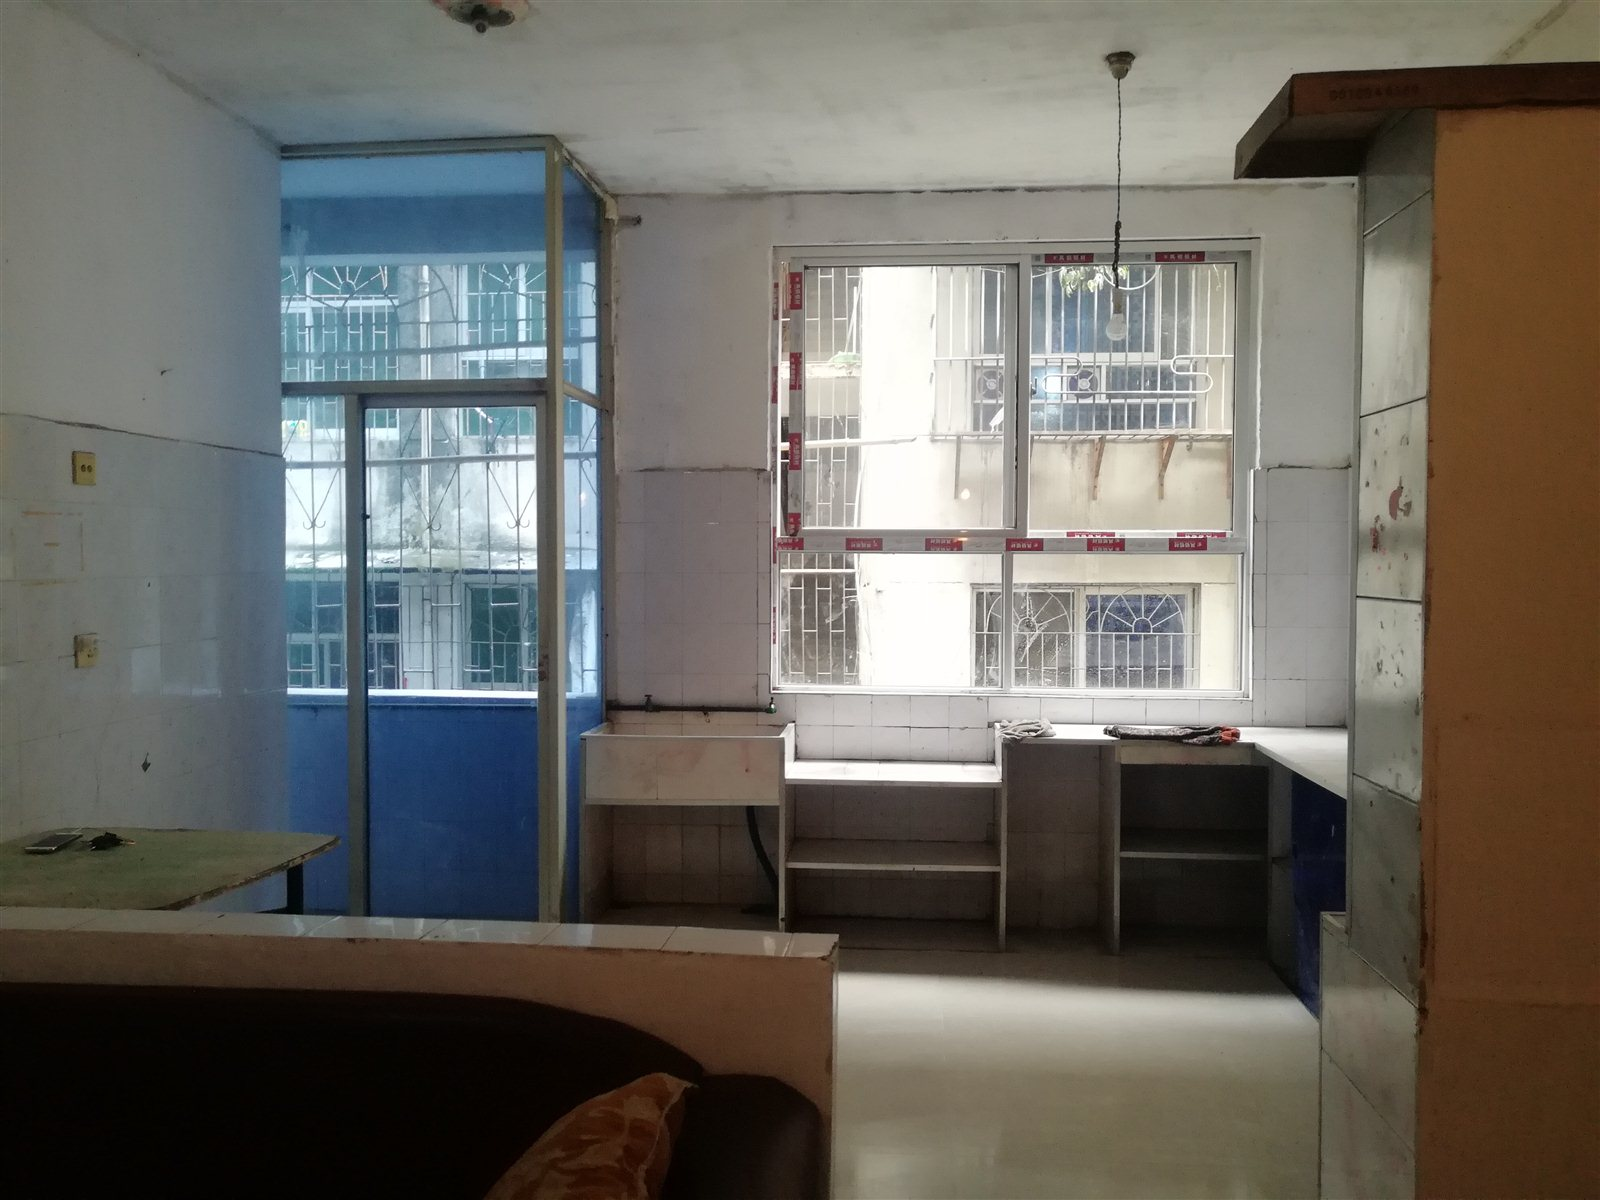 明鸿片区,通通泰开发区3室 2厅 1卫29.8万元